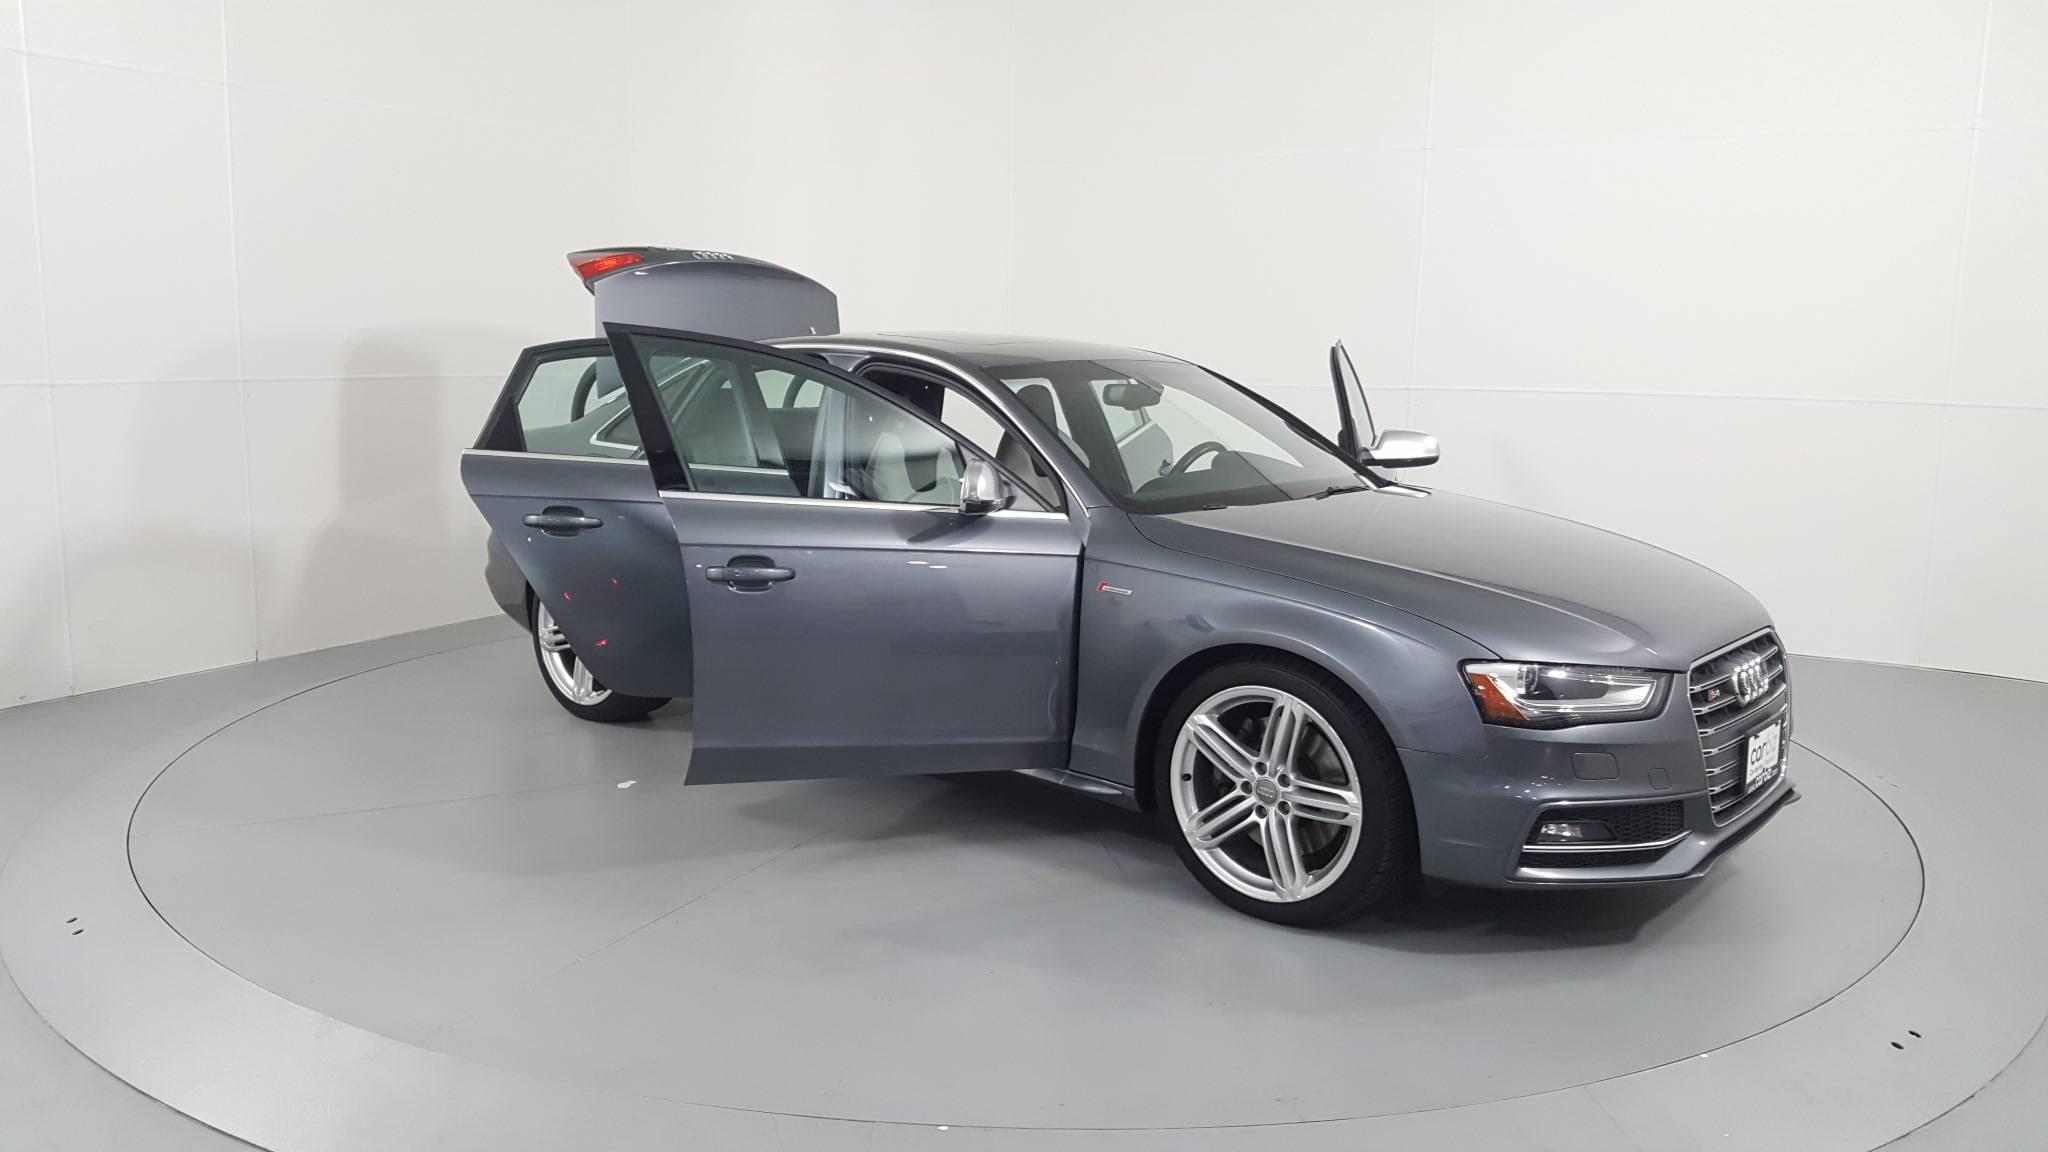 Pre-Owned 2013 Audi S4 Premium Plus